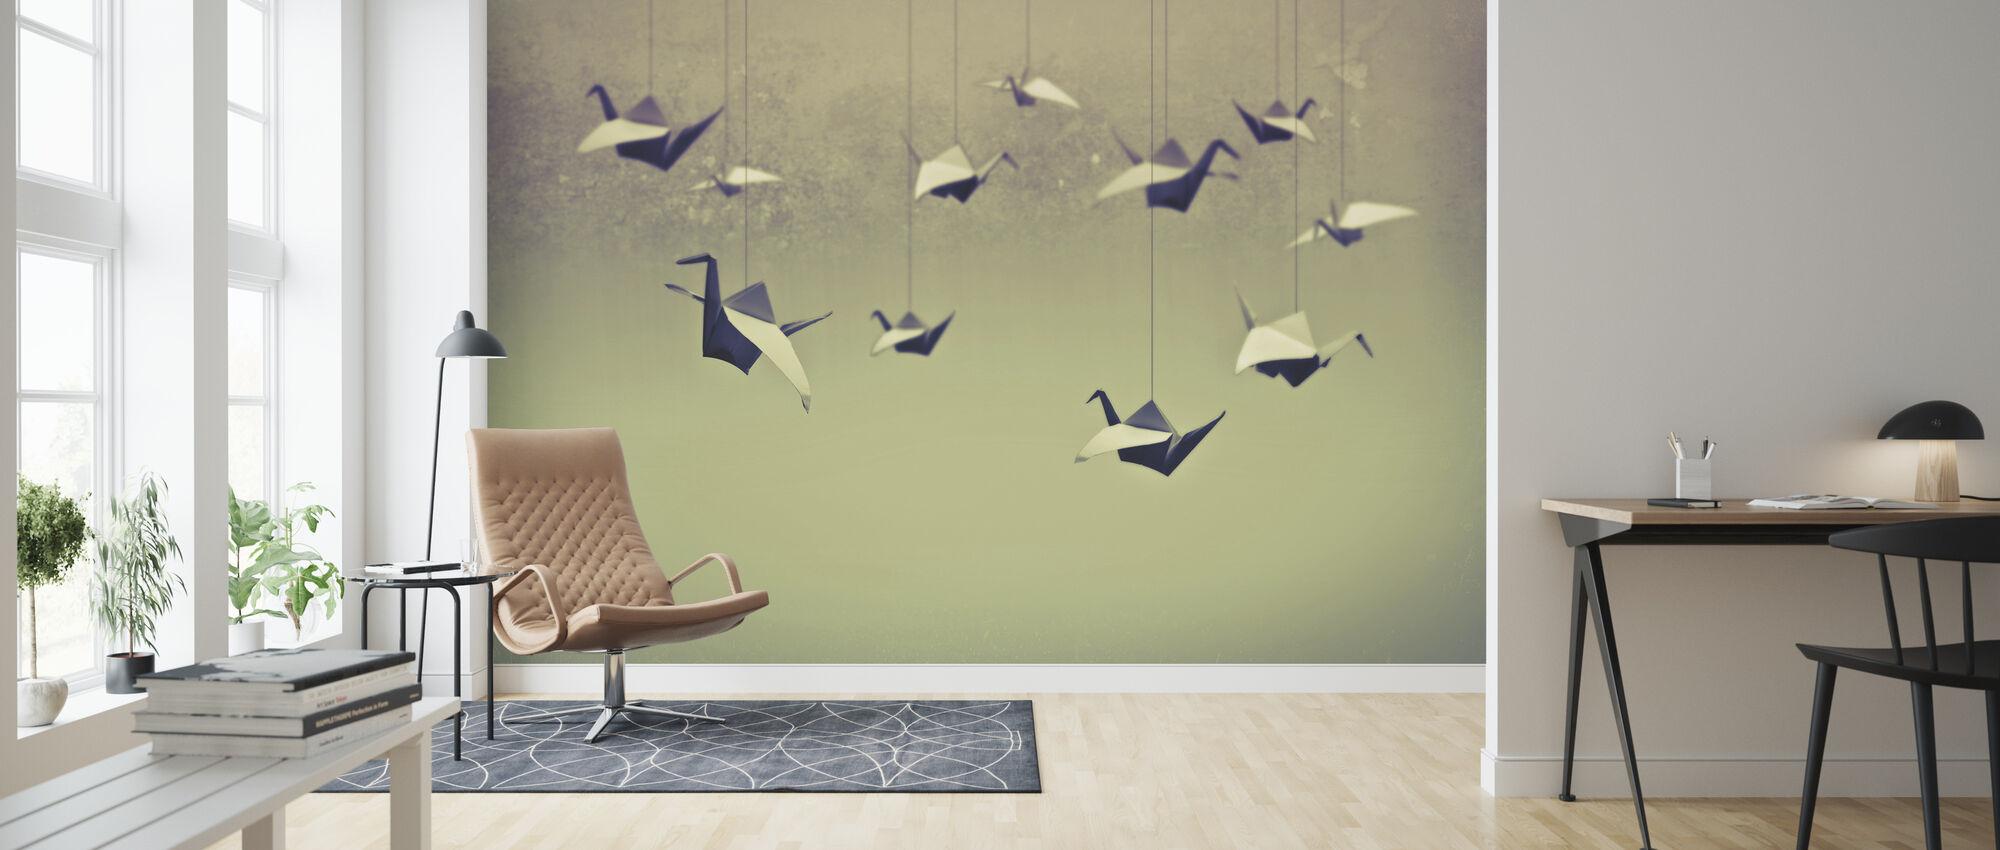 Origami Birds - Wallpaper - Living Room